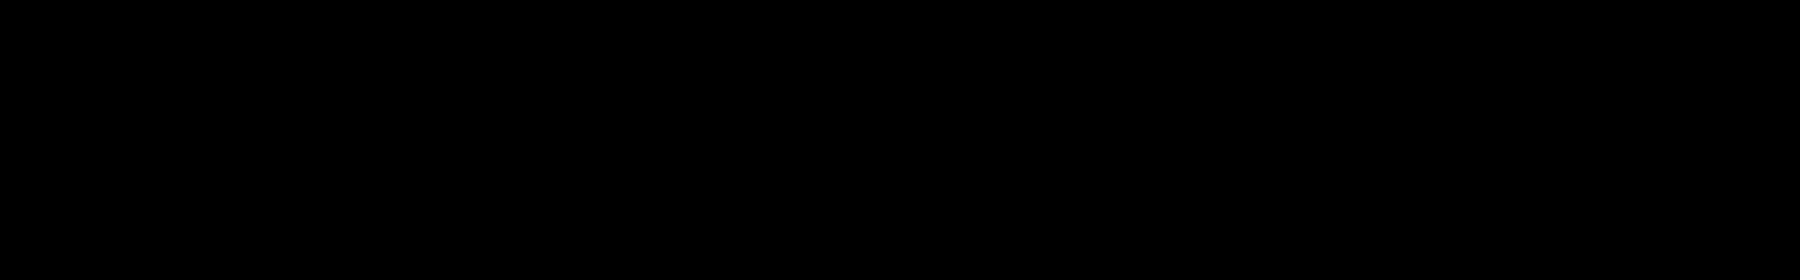 Unmüte Keyz audio waveform